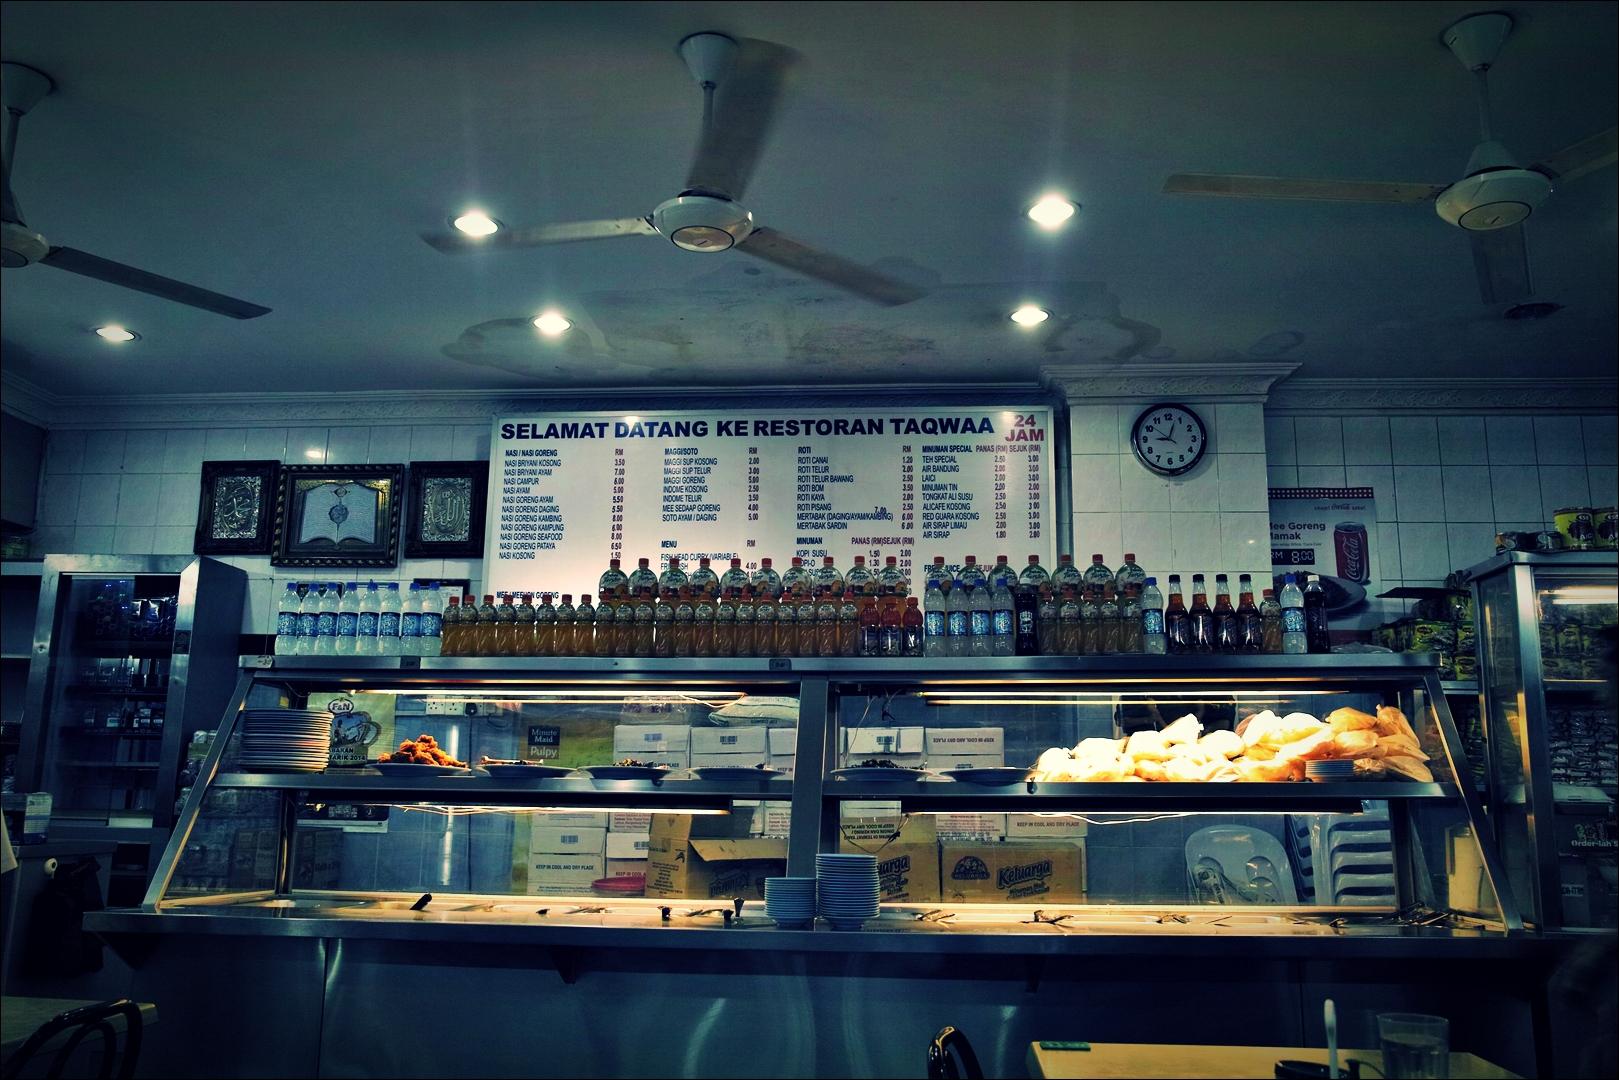 메뉴-'코타키나발루 타쿠와 이슬람 식당. Restaurant Taqwaa Kota Kinabalu Malaysia'